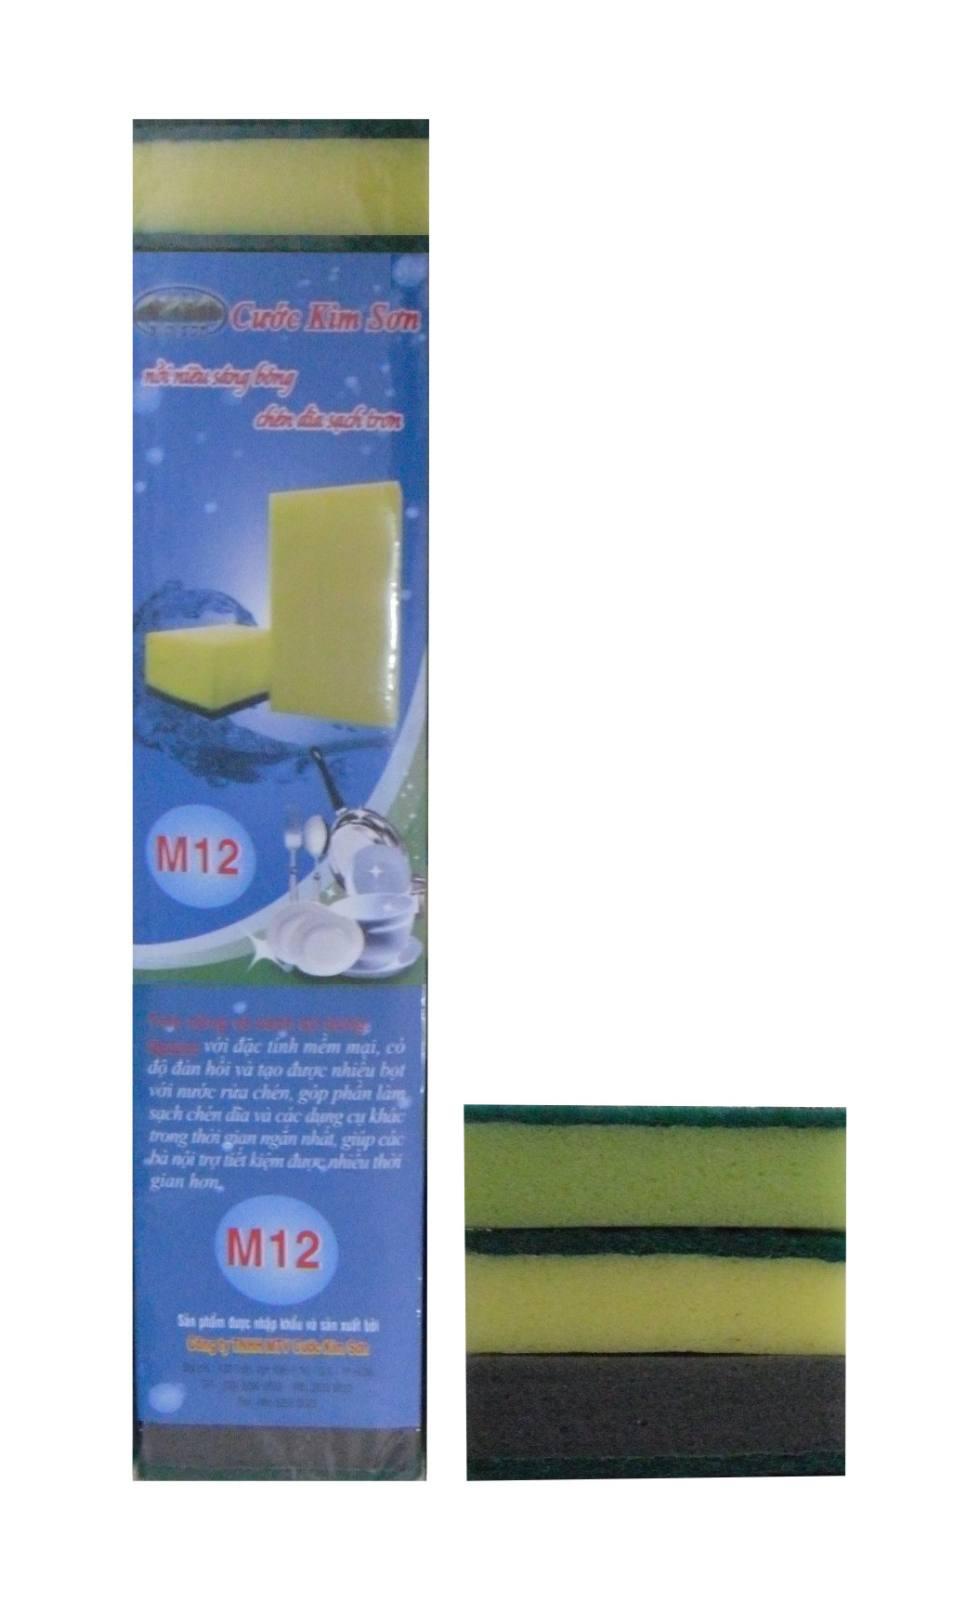 Mus M12